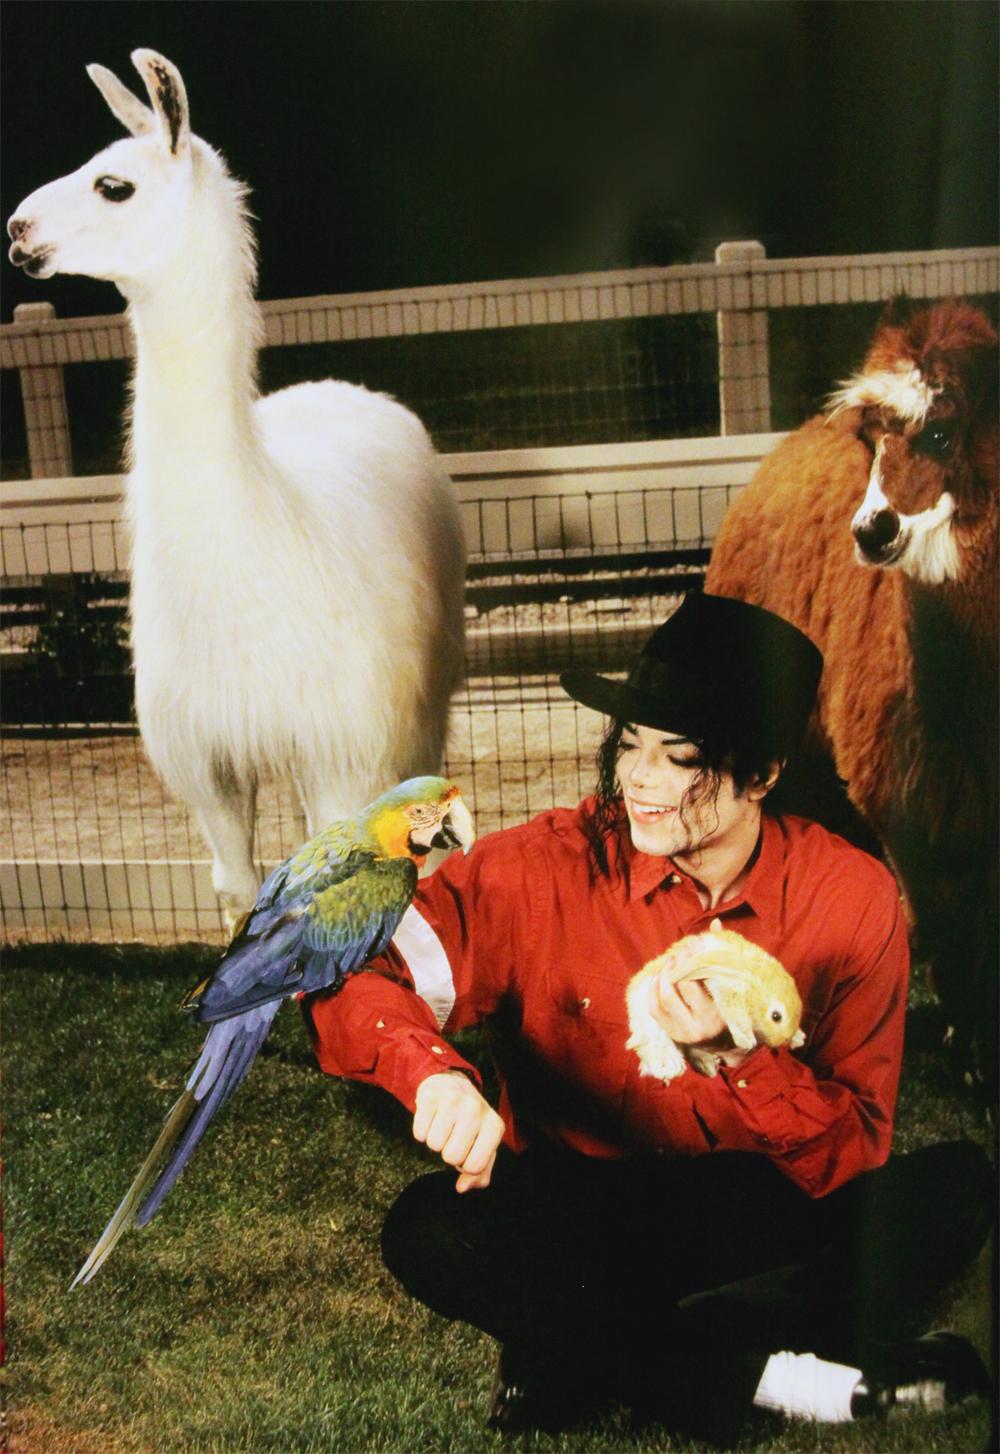 MJ and animal